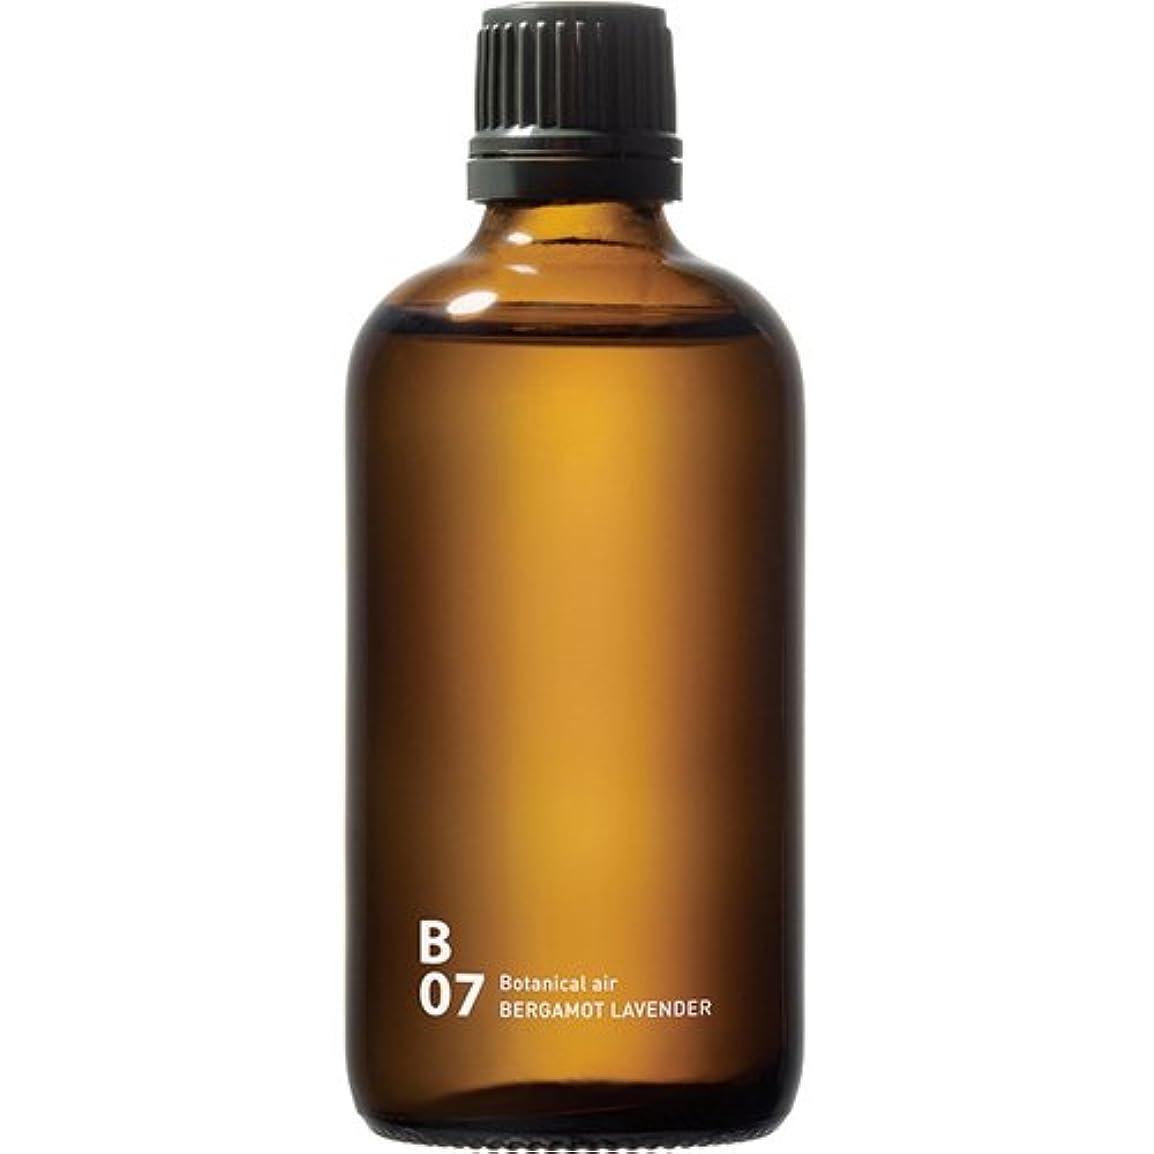 前奏曲旅行者ディスクB07 BERGAMOT LAVENDER piezo aroma oil 100ml